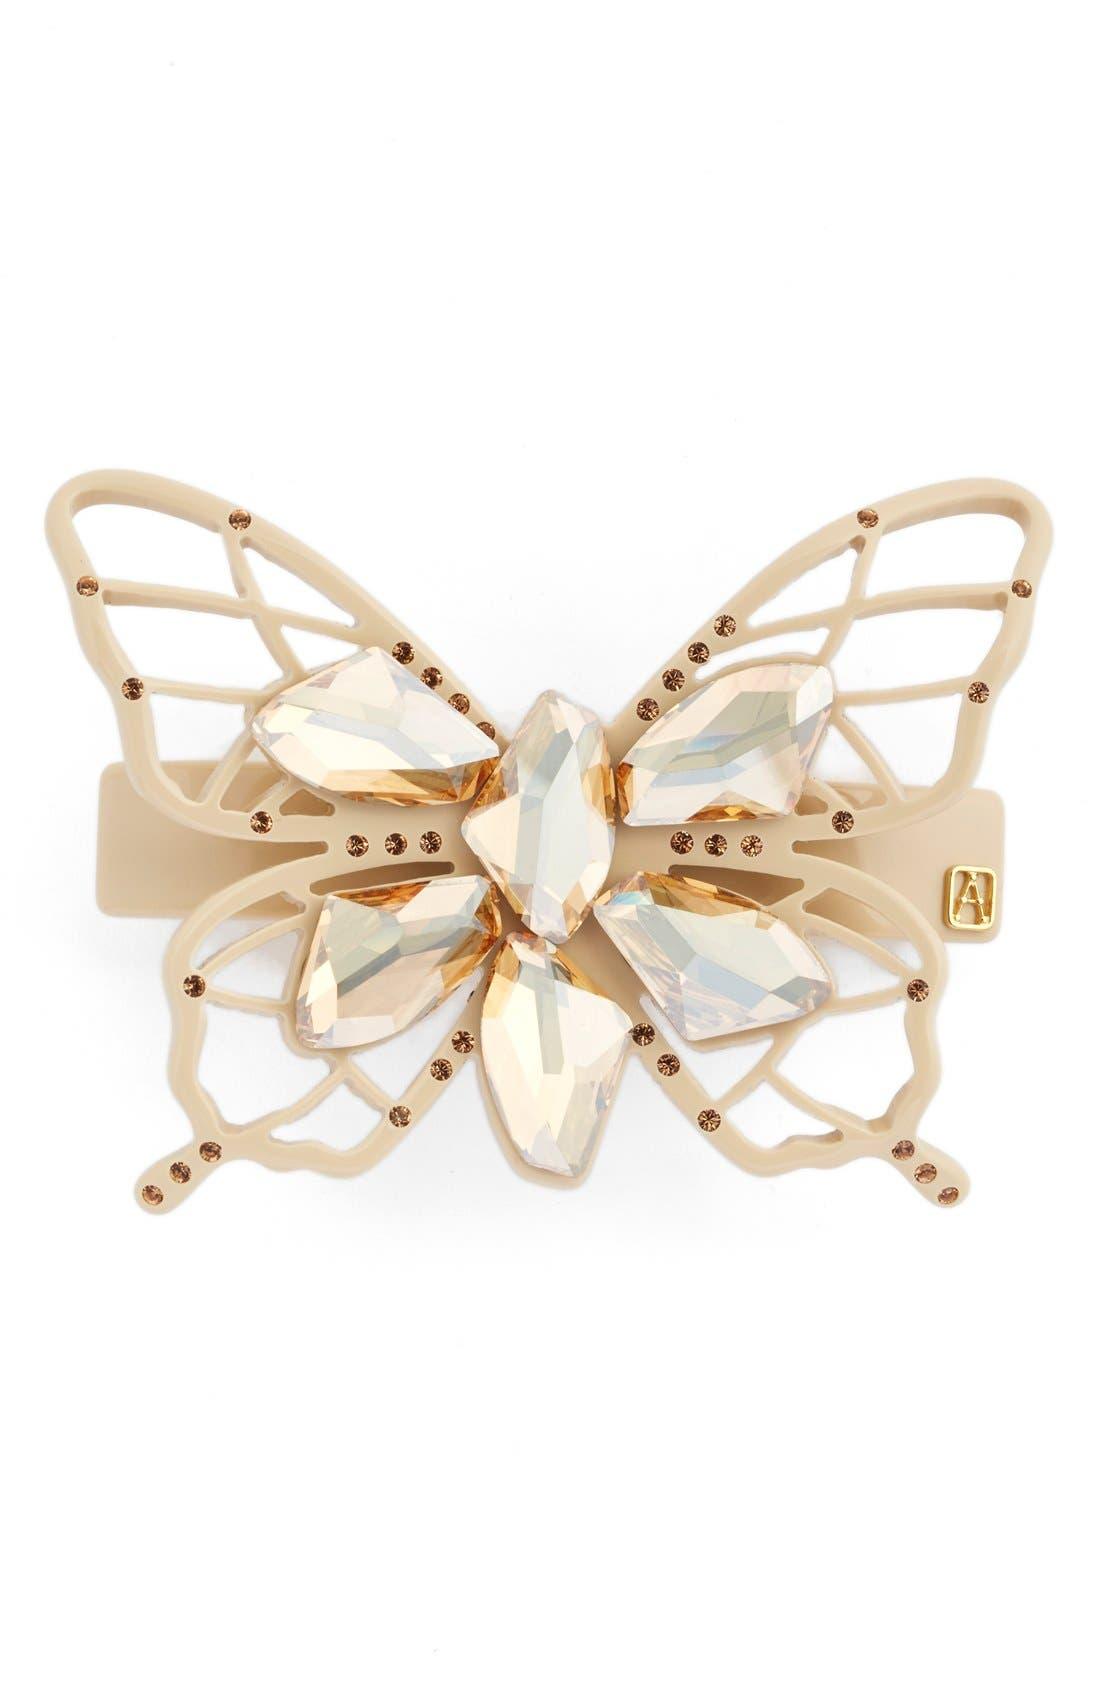 Alexandre de Paris Butterfly Barrette